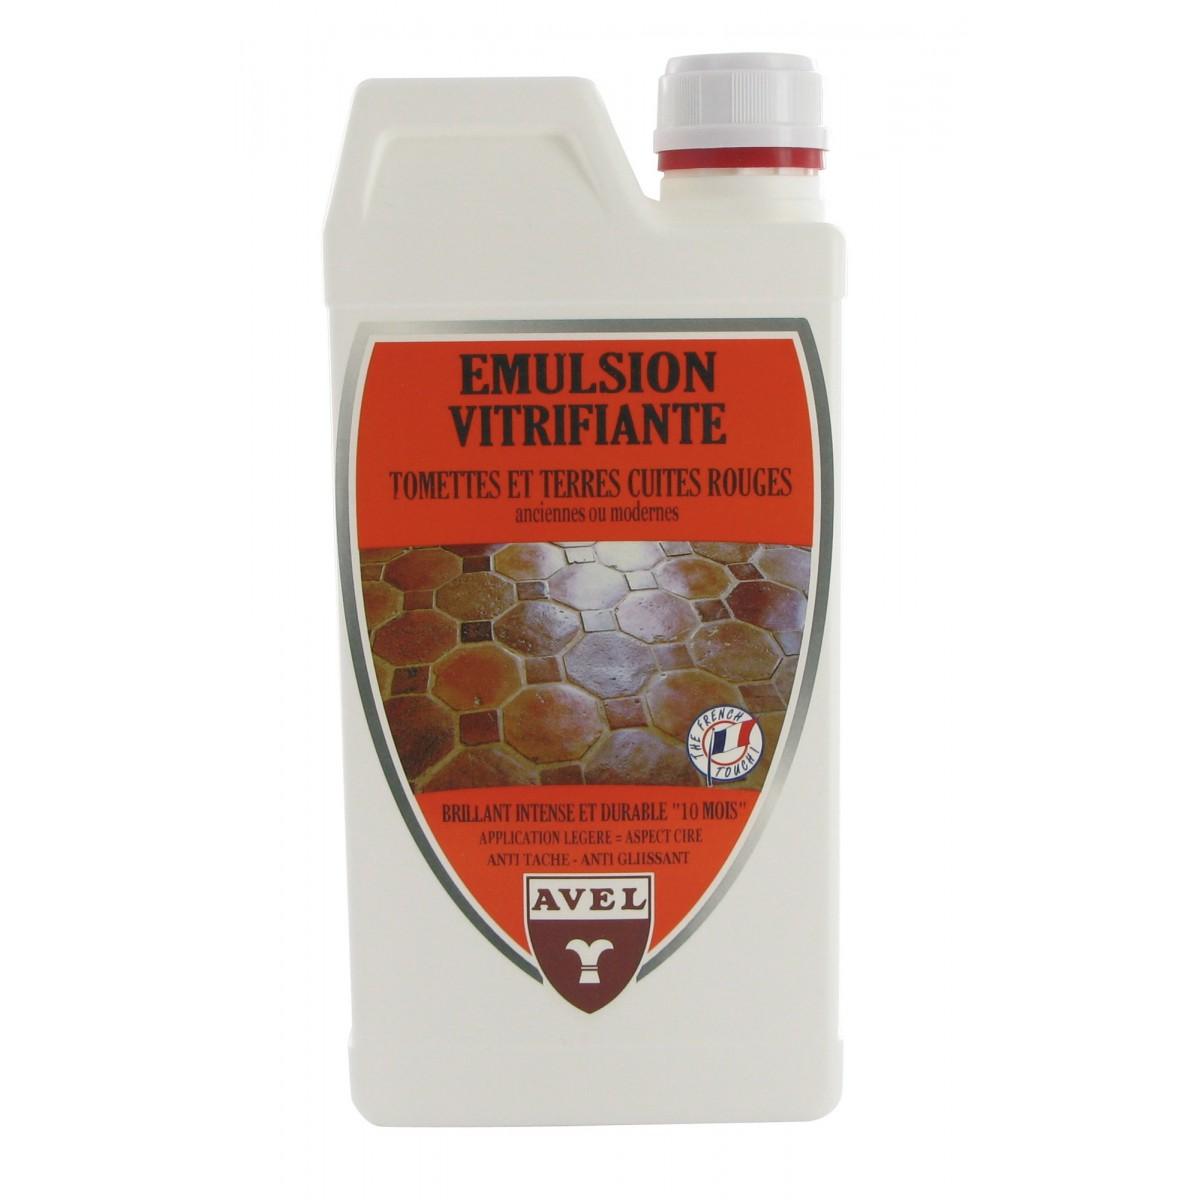 Emulsion vitrifiante tomette Avel - Bidon 1 l